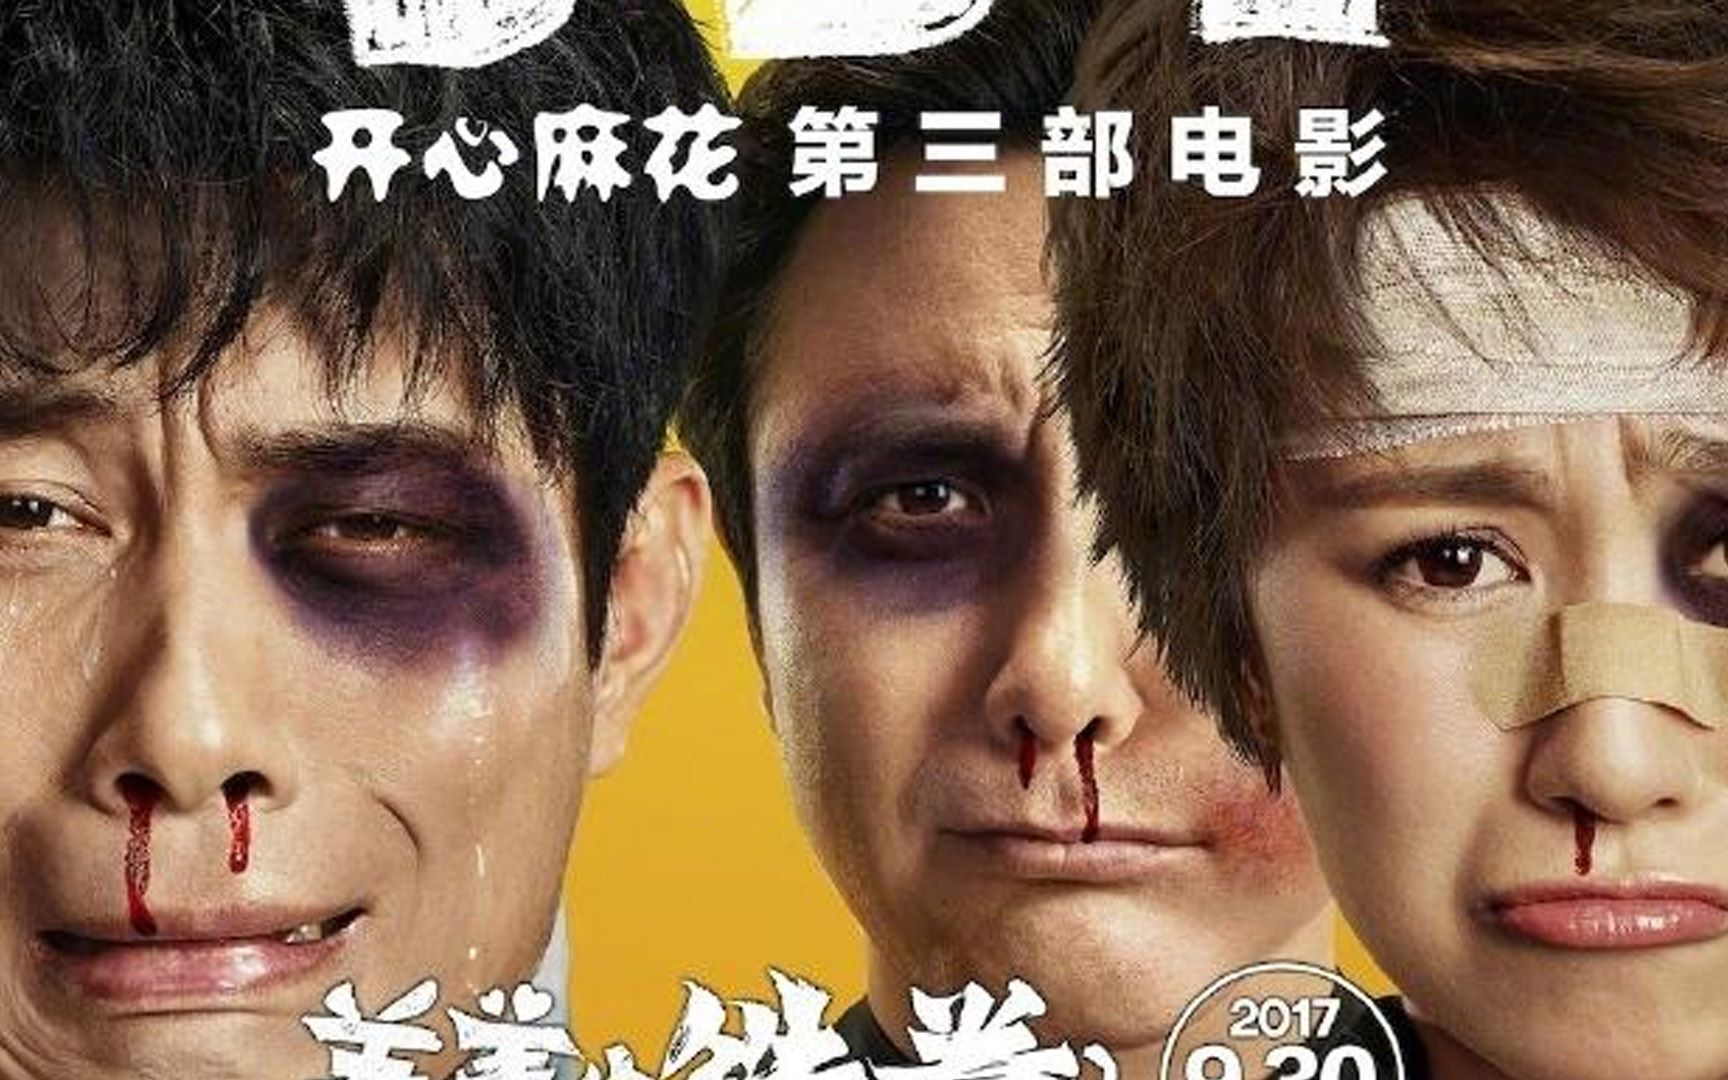 【小乙lu片】开心麻花沈腾第三部电影《羞羞的铁拳》high爆全场图片